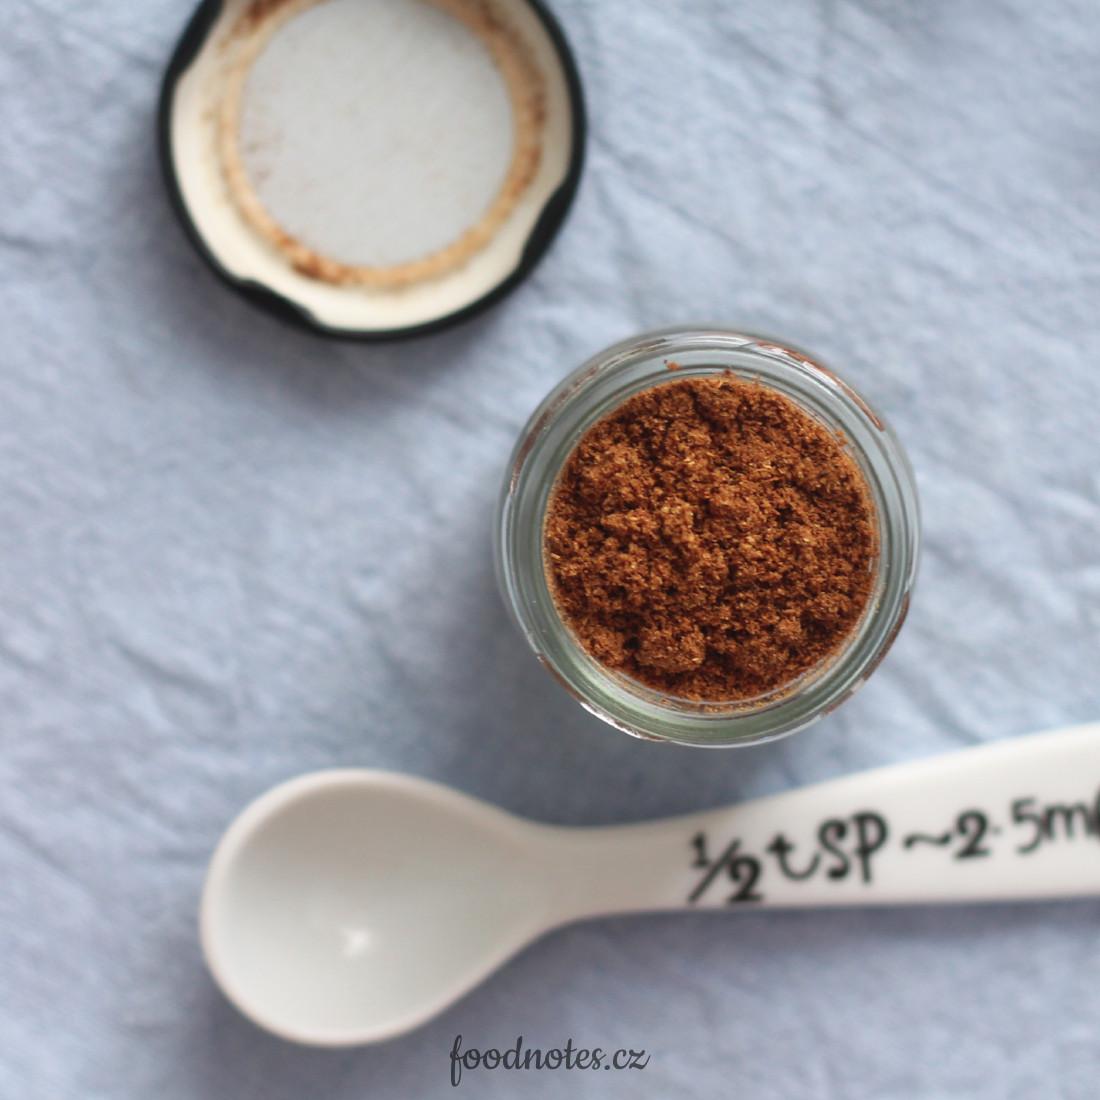 Jak udělat asijské koření garam masala doma?